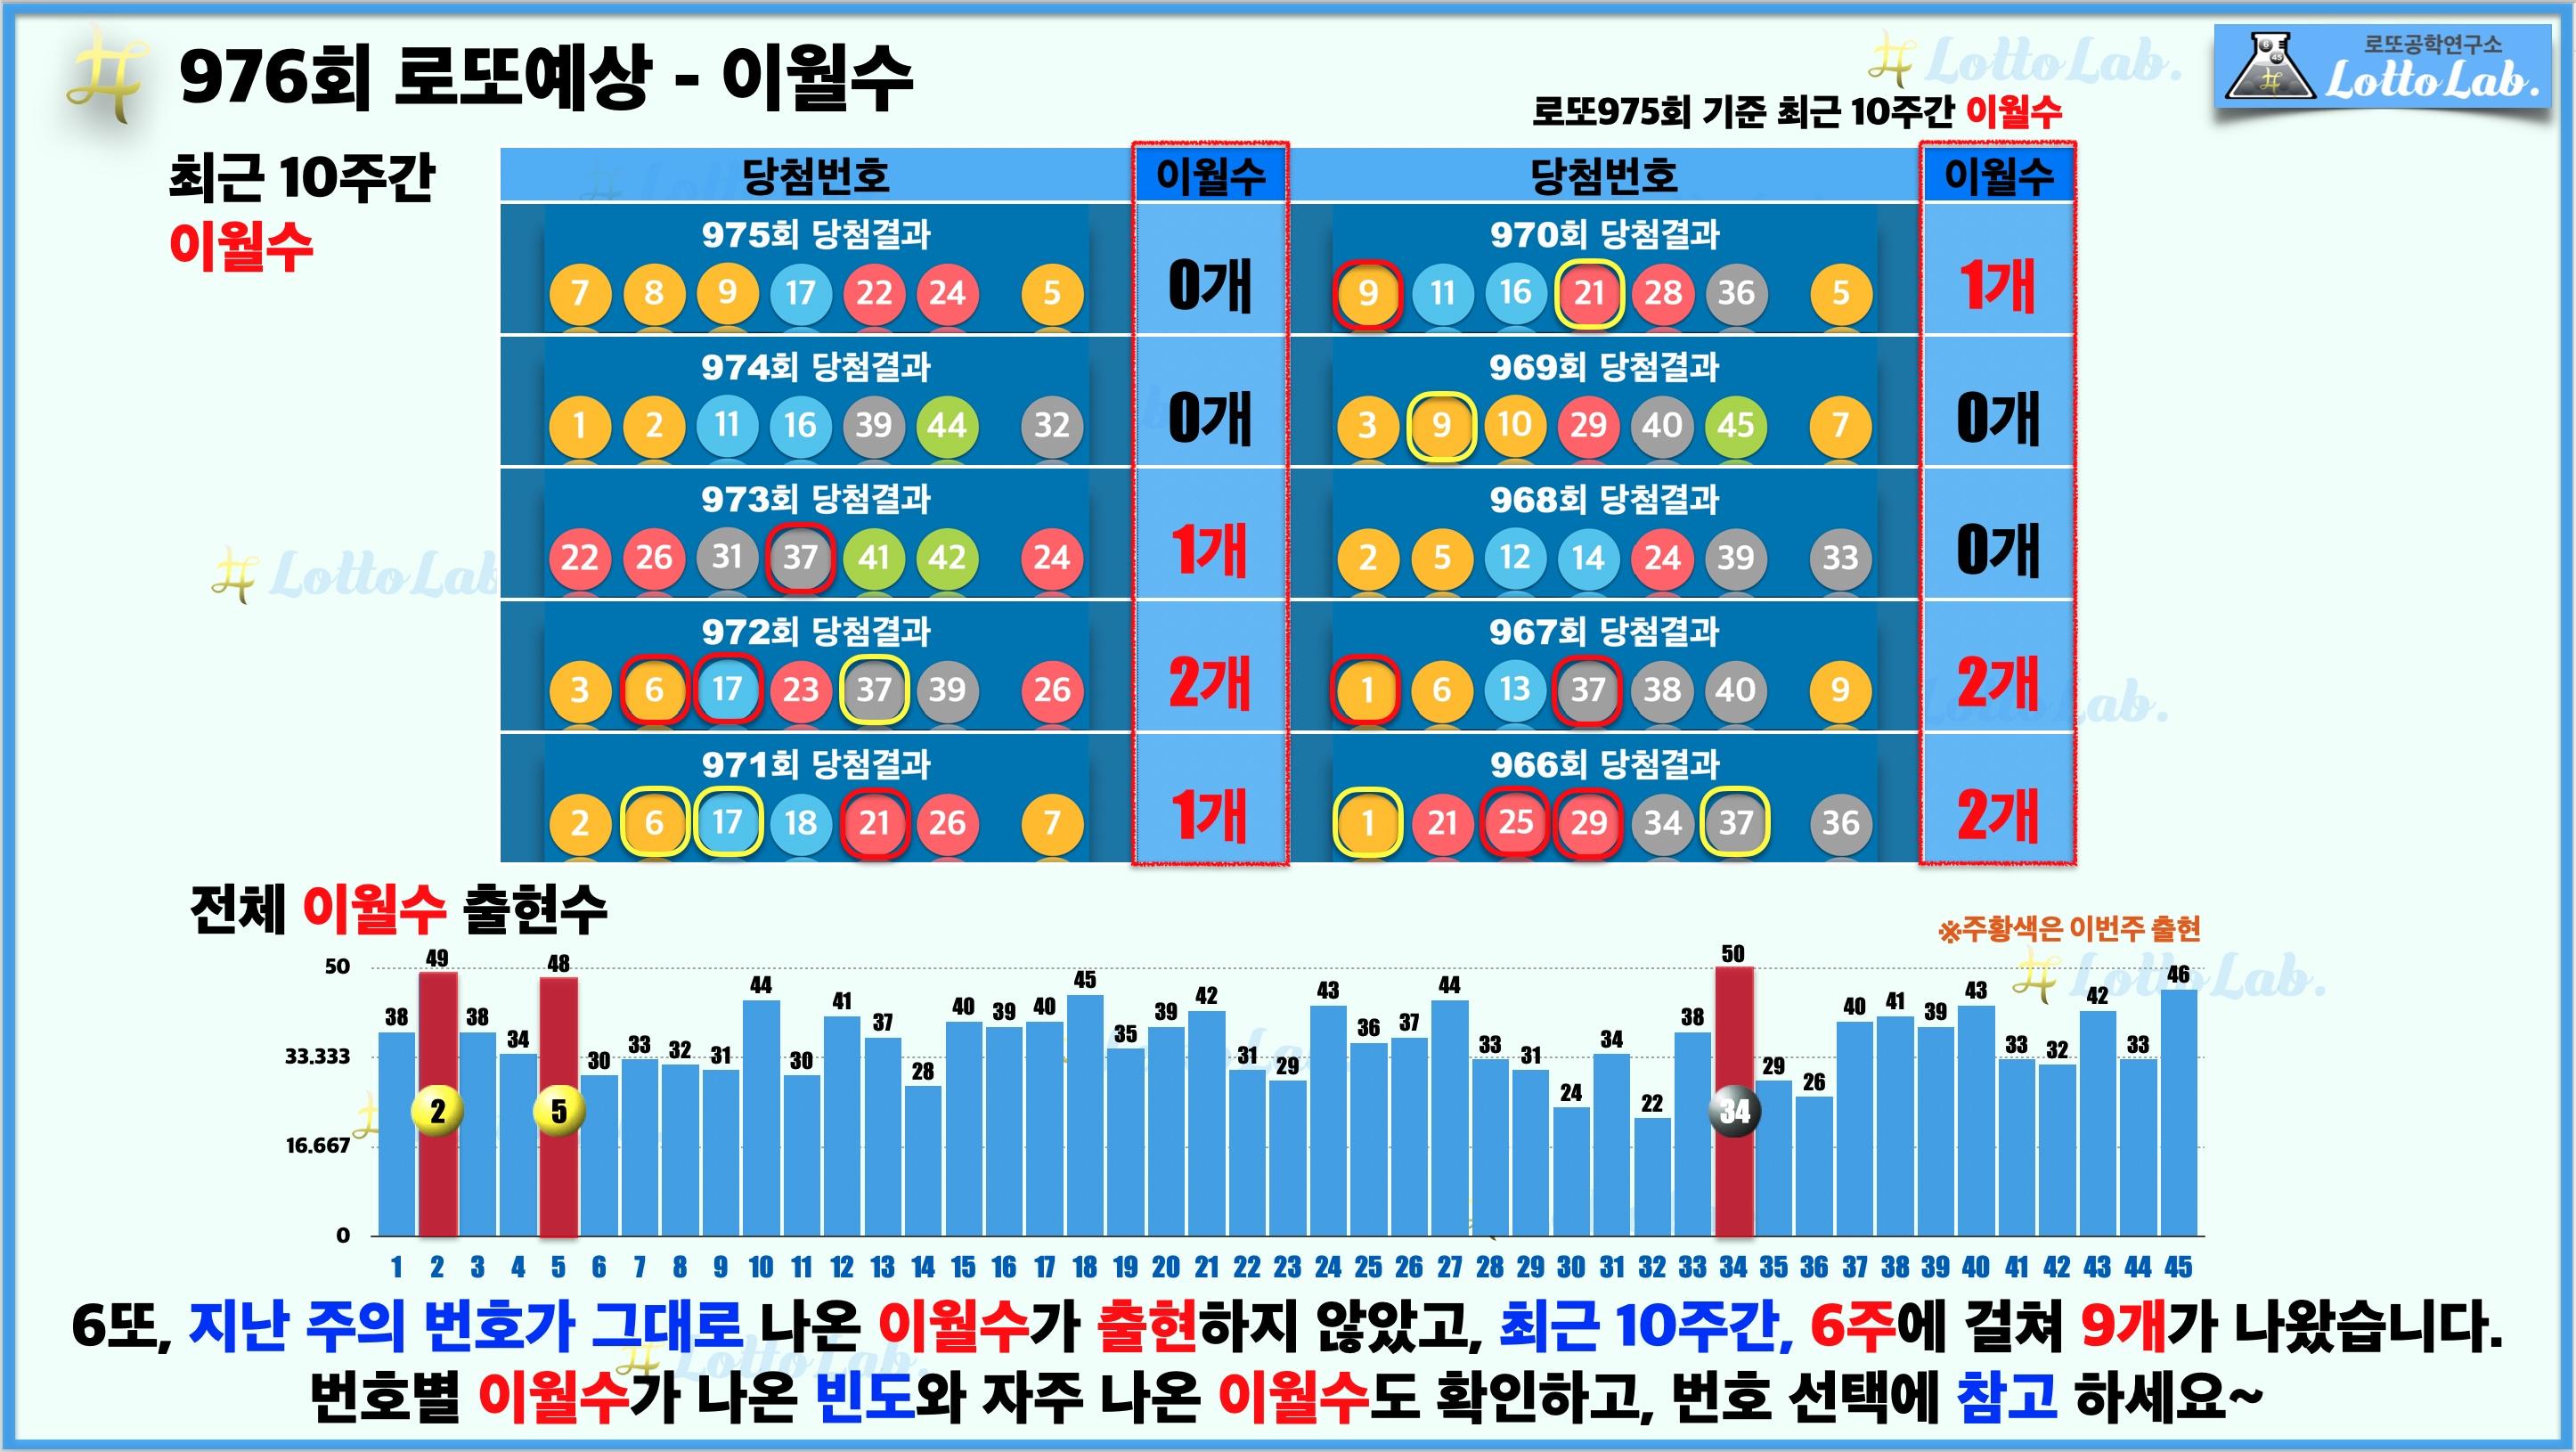 로또랩 로또976 당첨 번호 예상 - 이월수